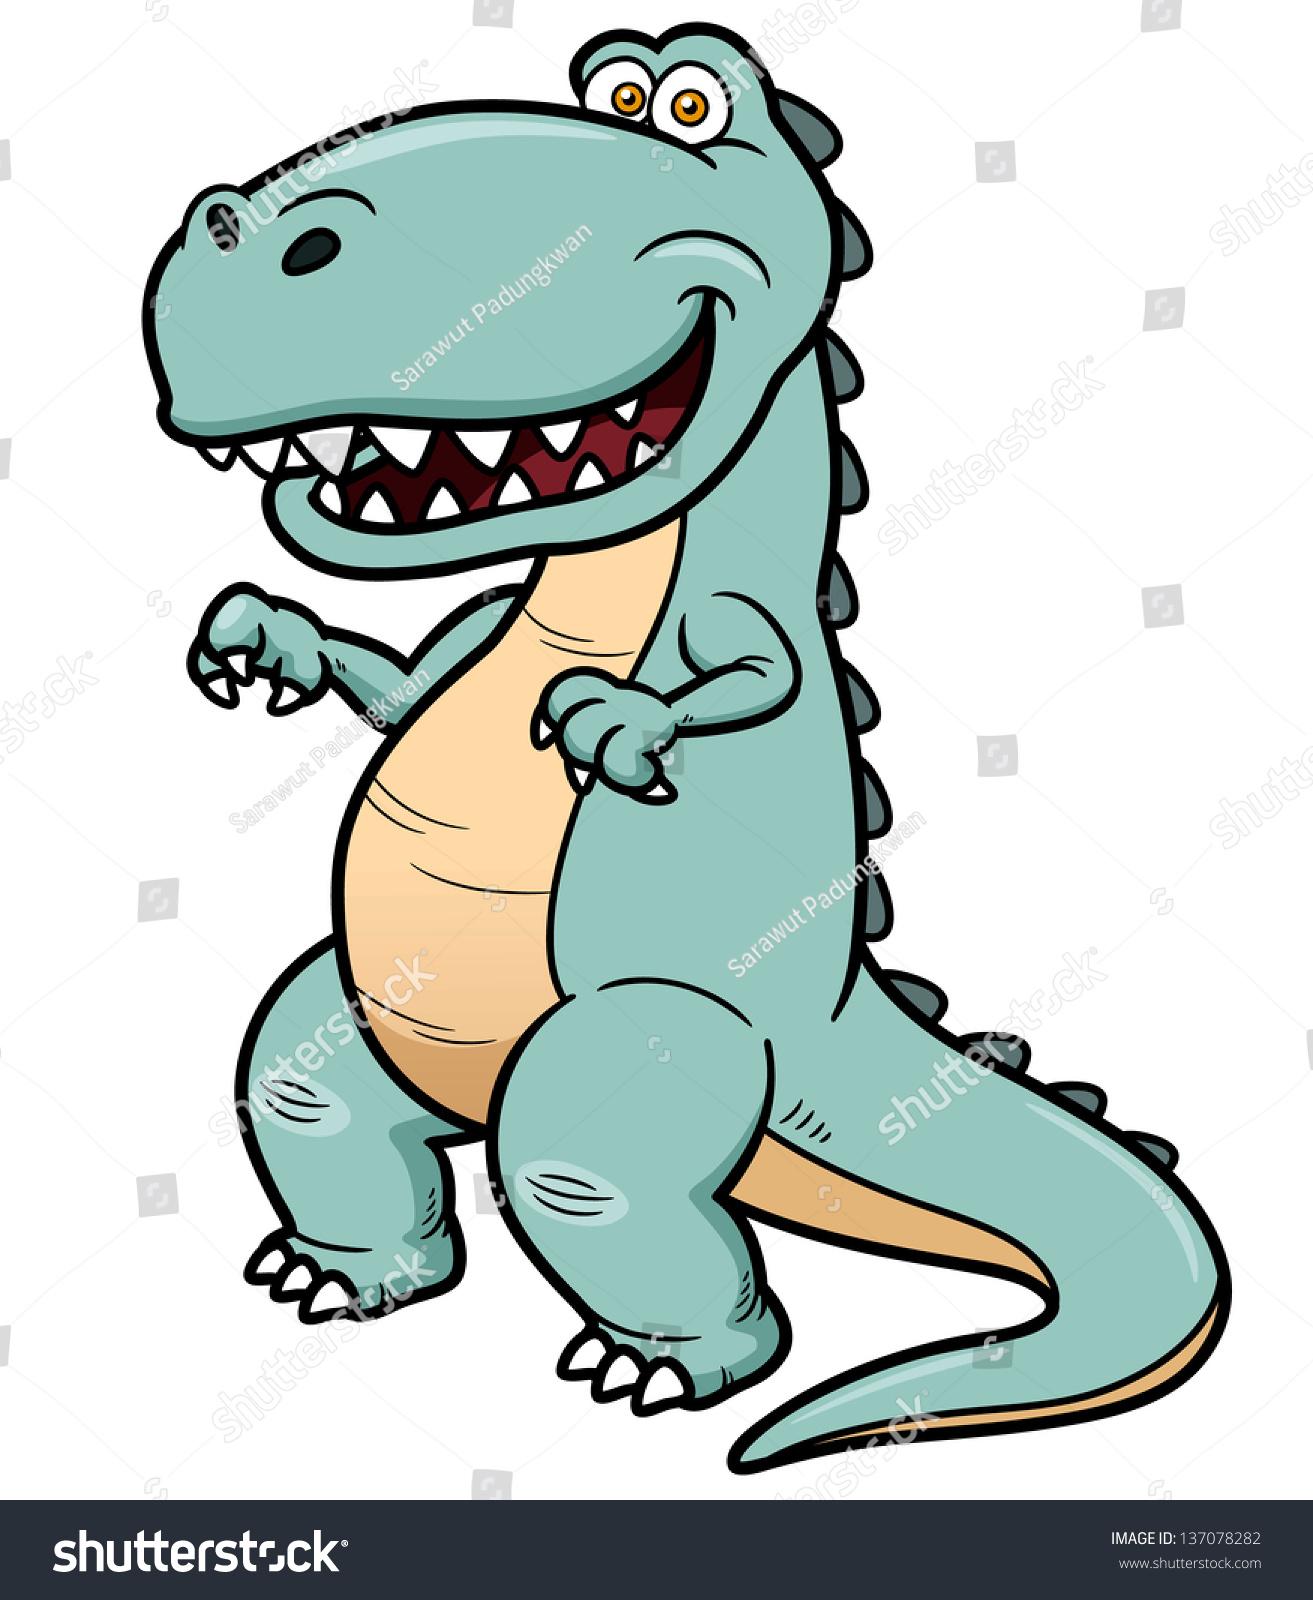 微信可爱恐龙头像